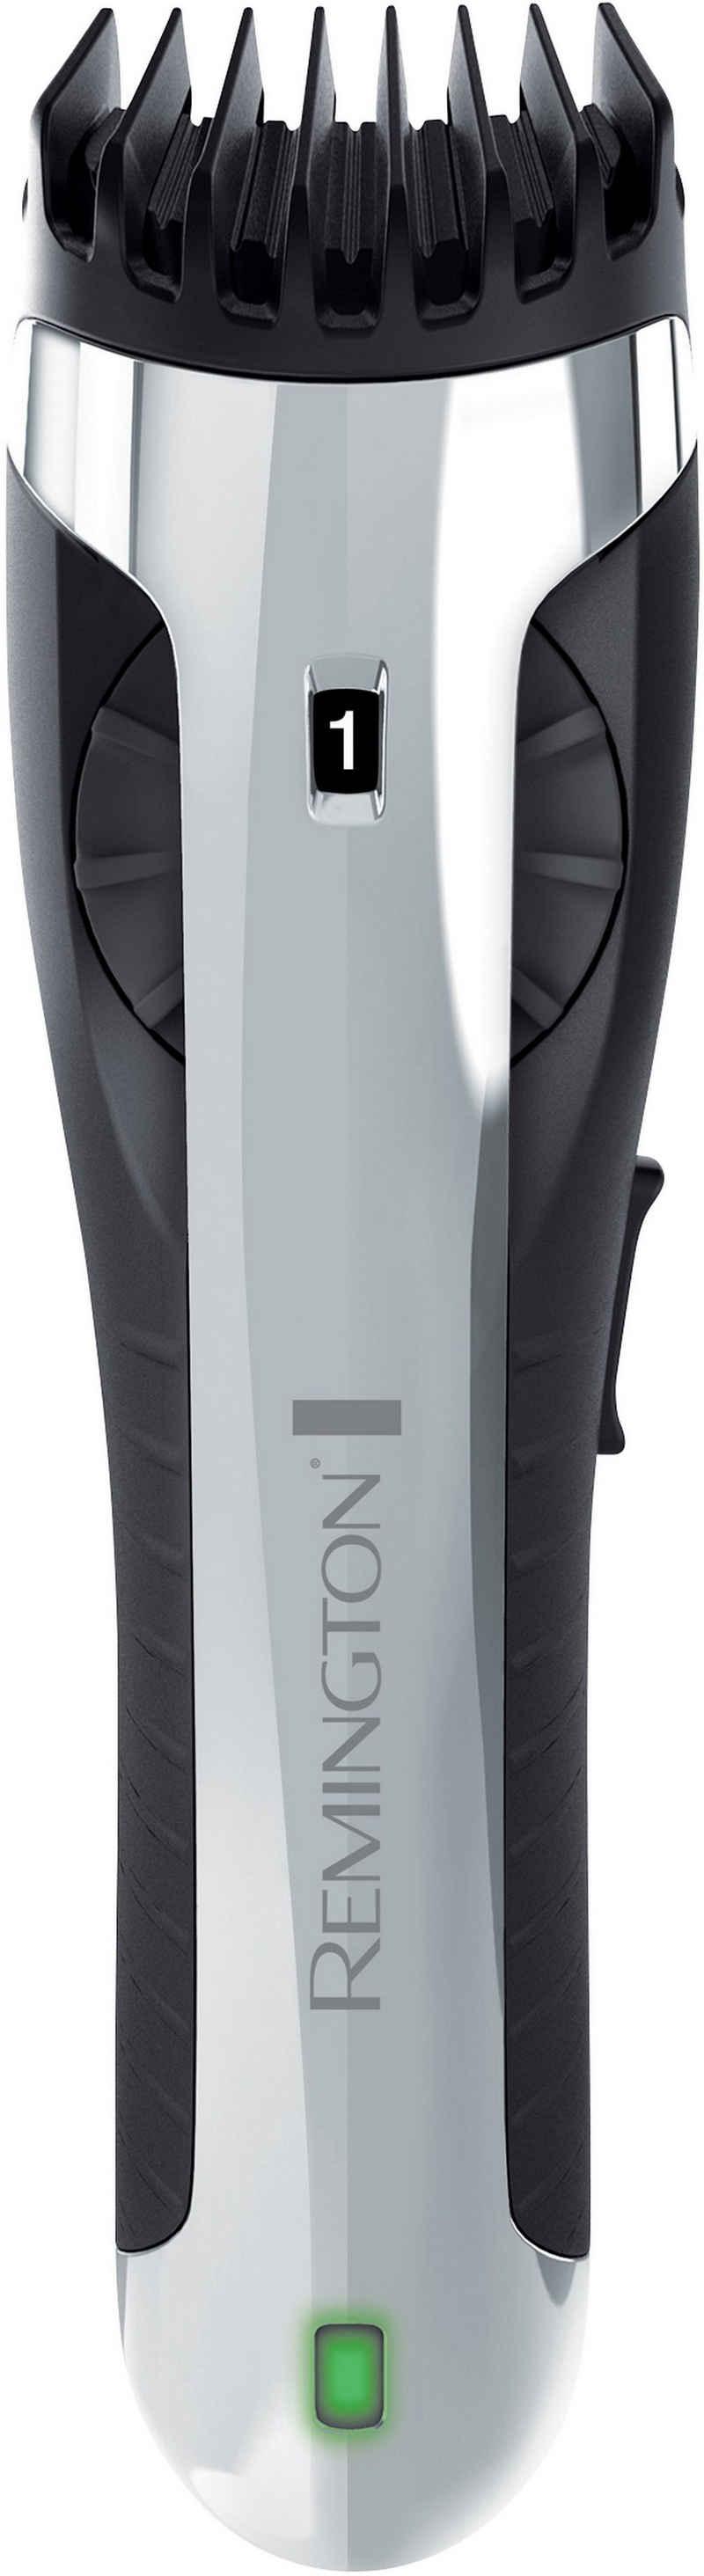 Remington Körper- und Bikinitrimmer BHT2000A Bodyguard, Innovation, Leistung und Funktionalität, Stärken des Grooming Sortiments von REMINGTON